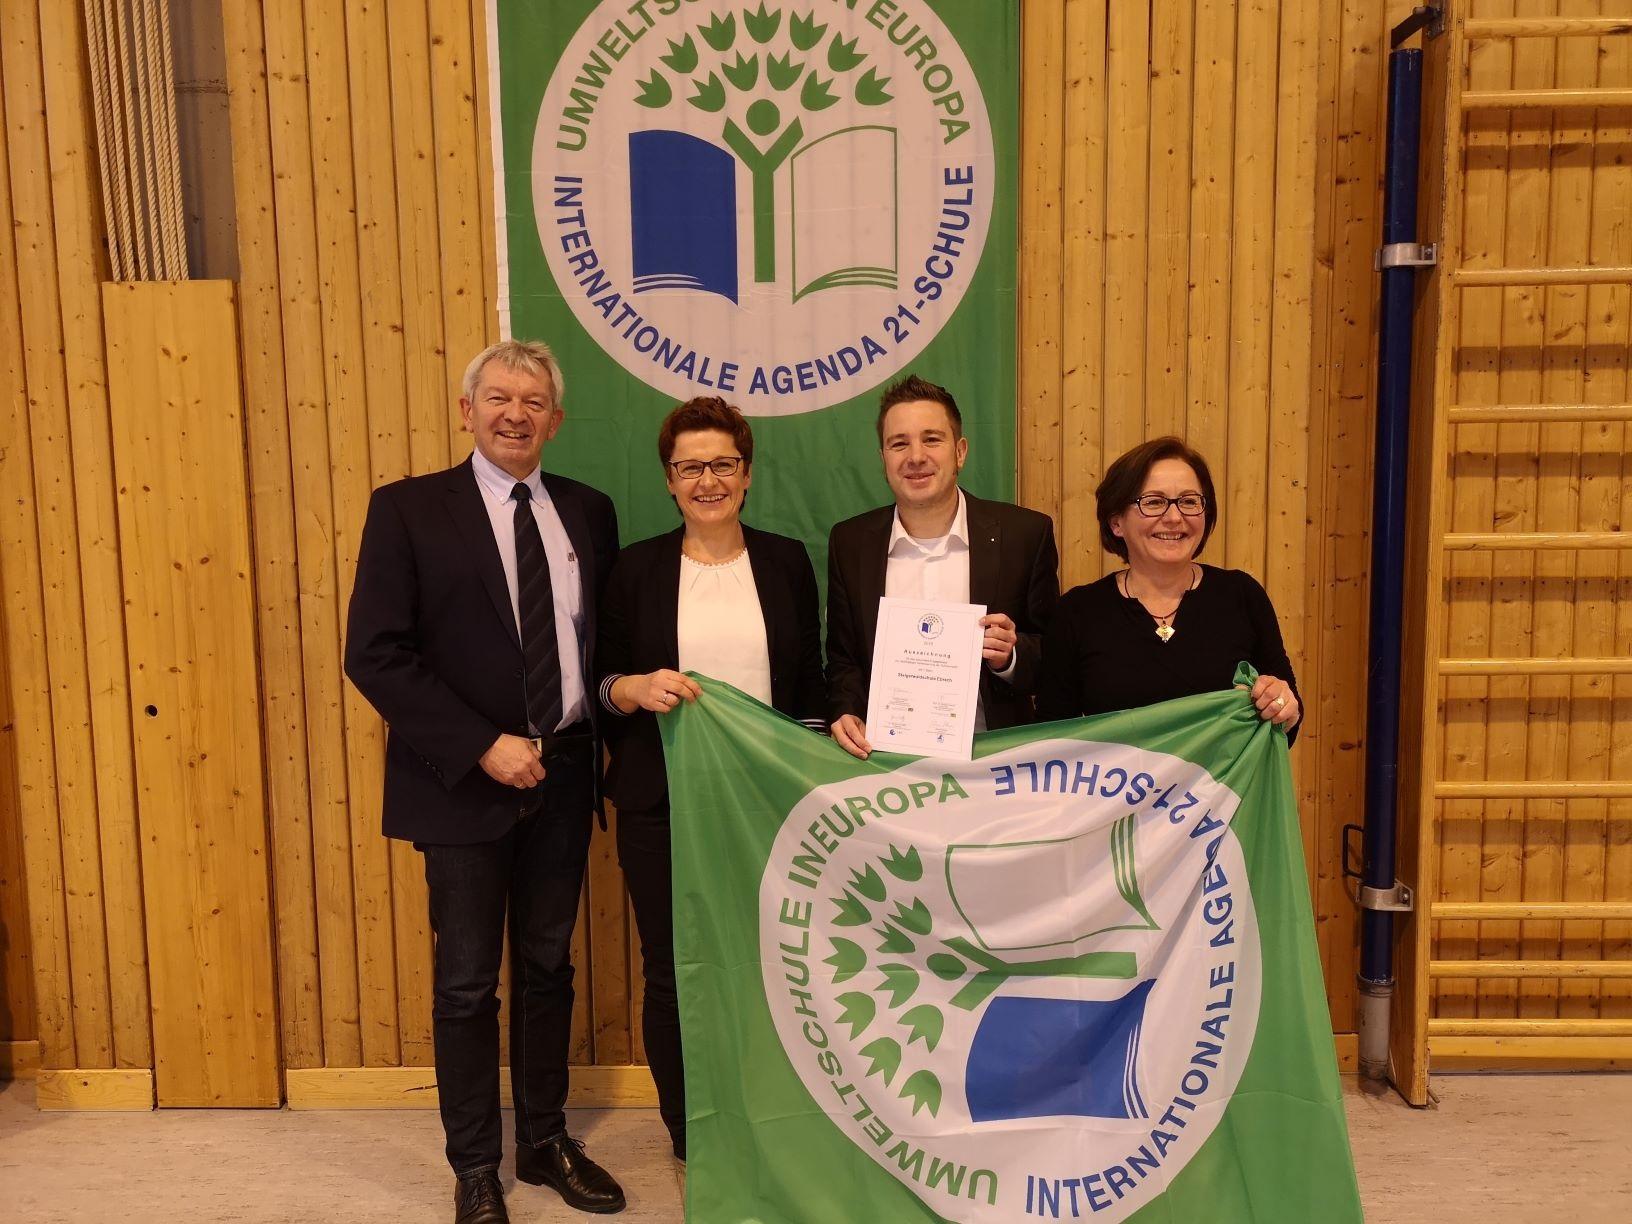 Foto mit Landrat und Urkunde